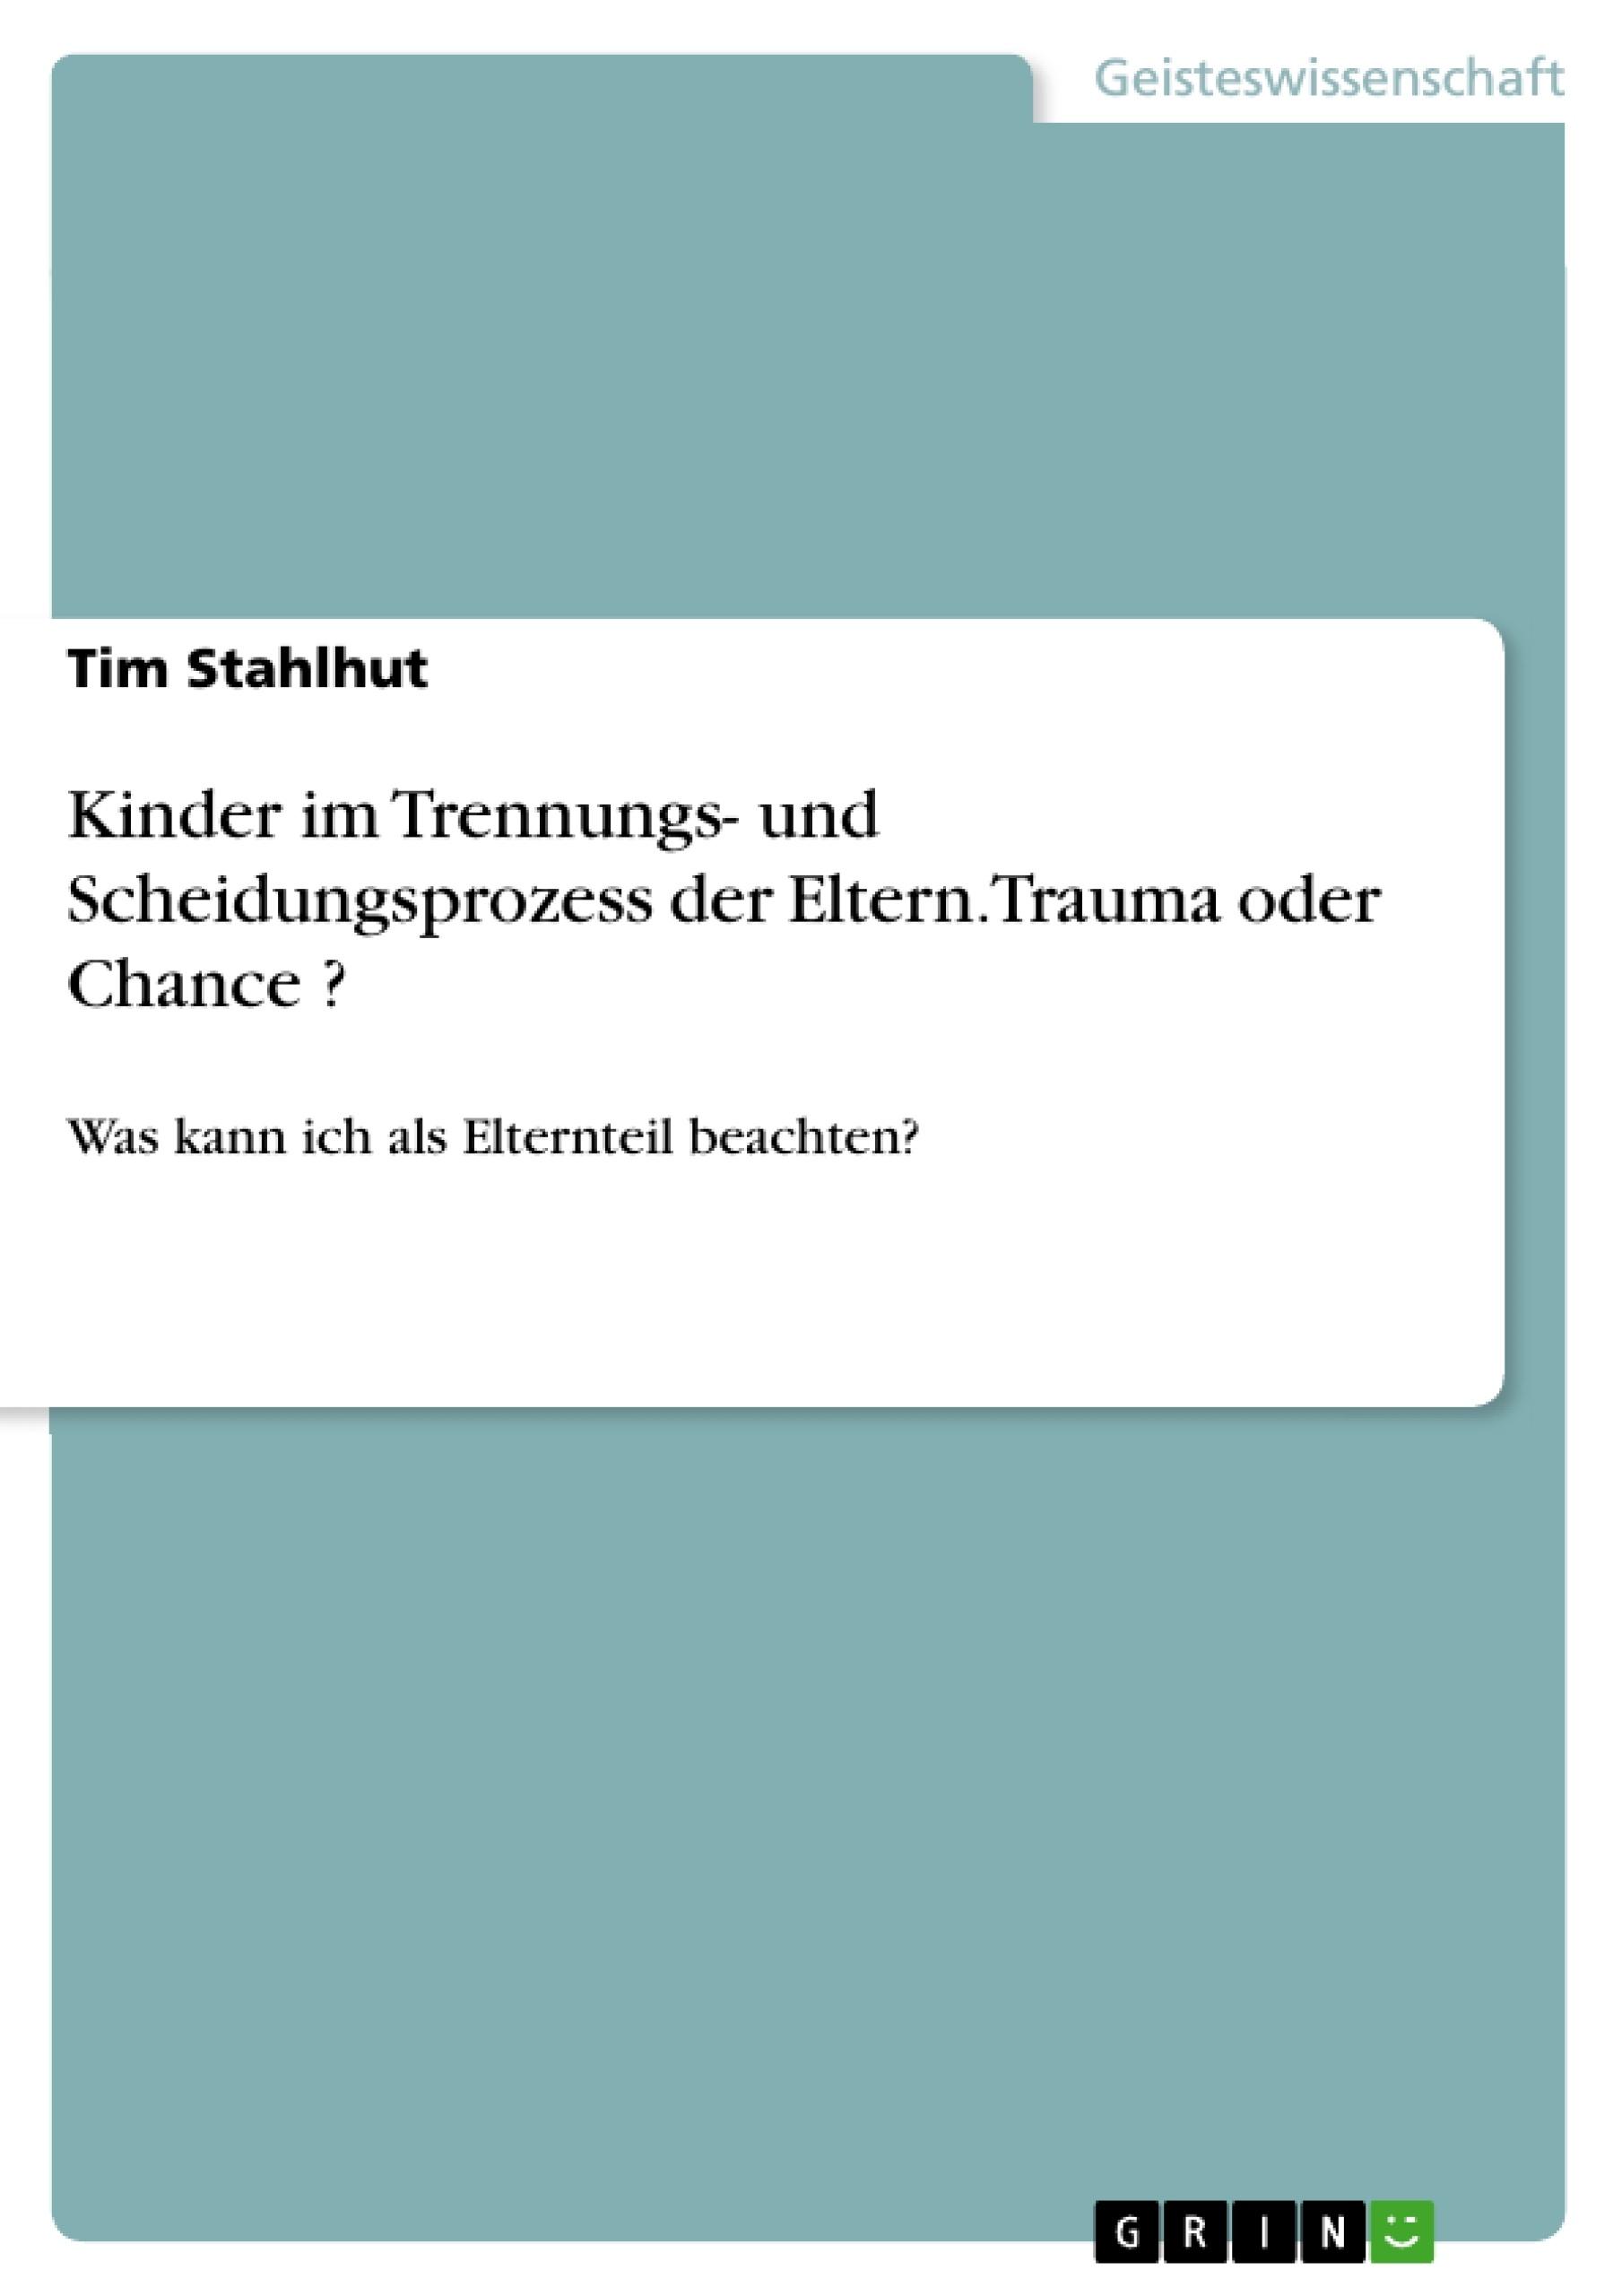 Titel: Kinder im Trennungs- und Scheidungsprozess der Eltern. Trauma oder Chance ?